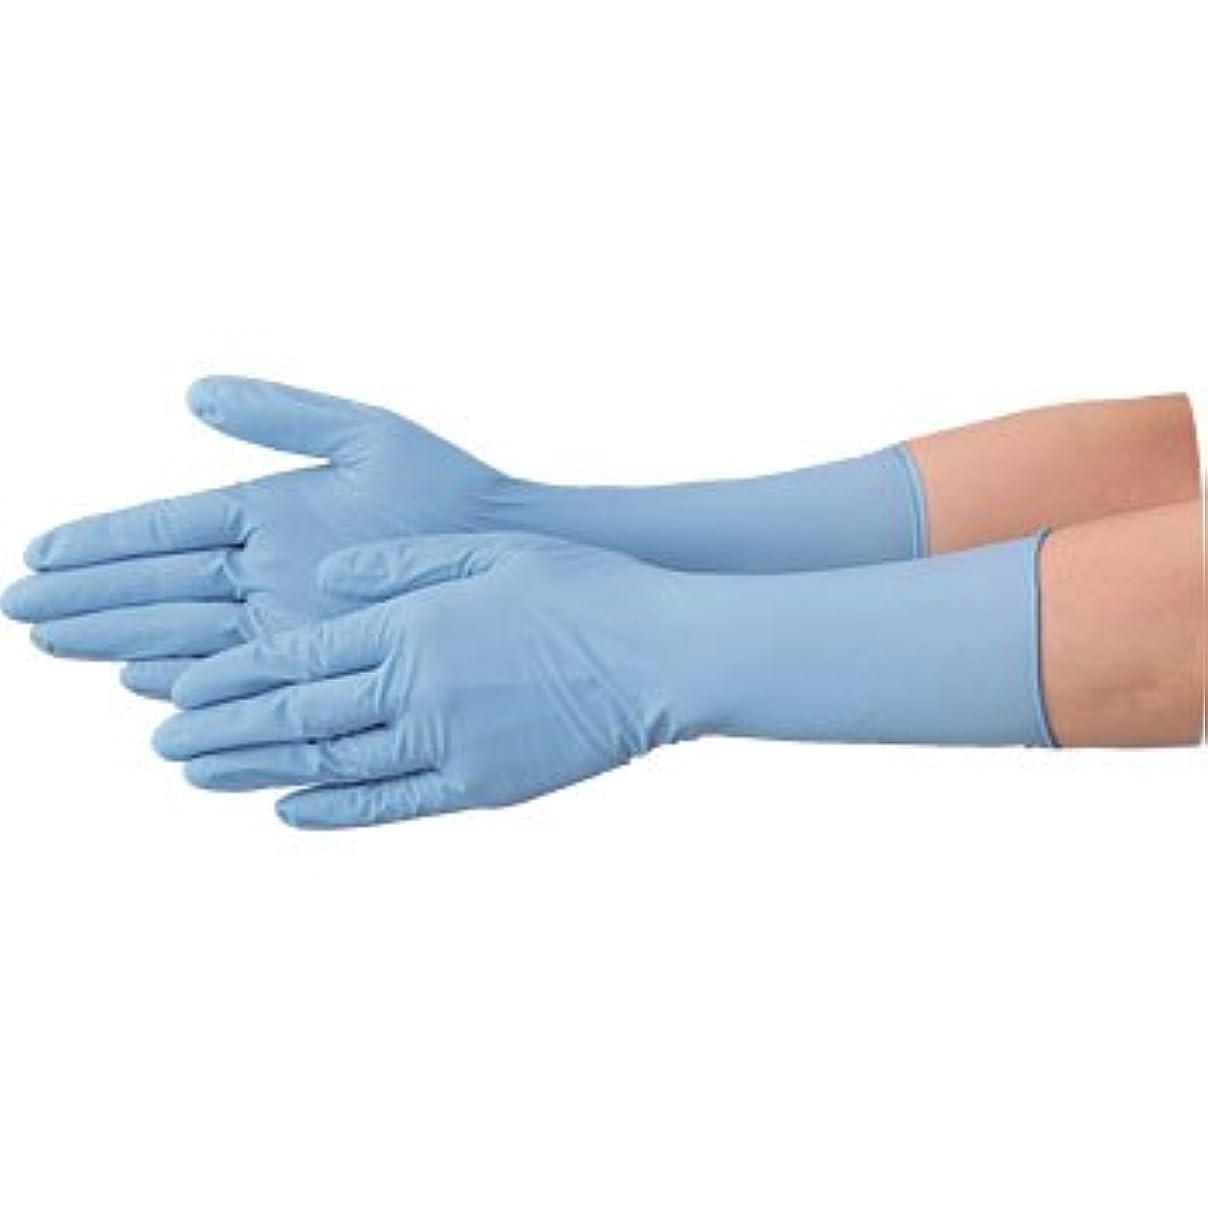 使い捨て 手袋 エブノ 528 ニトリル ロング手袋 パウダーフリー 全長29cm ブルー Sサイズ 2ケース(100枚×40箱)